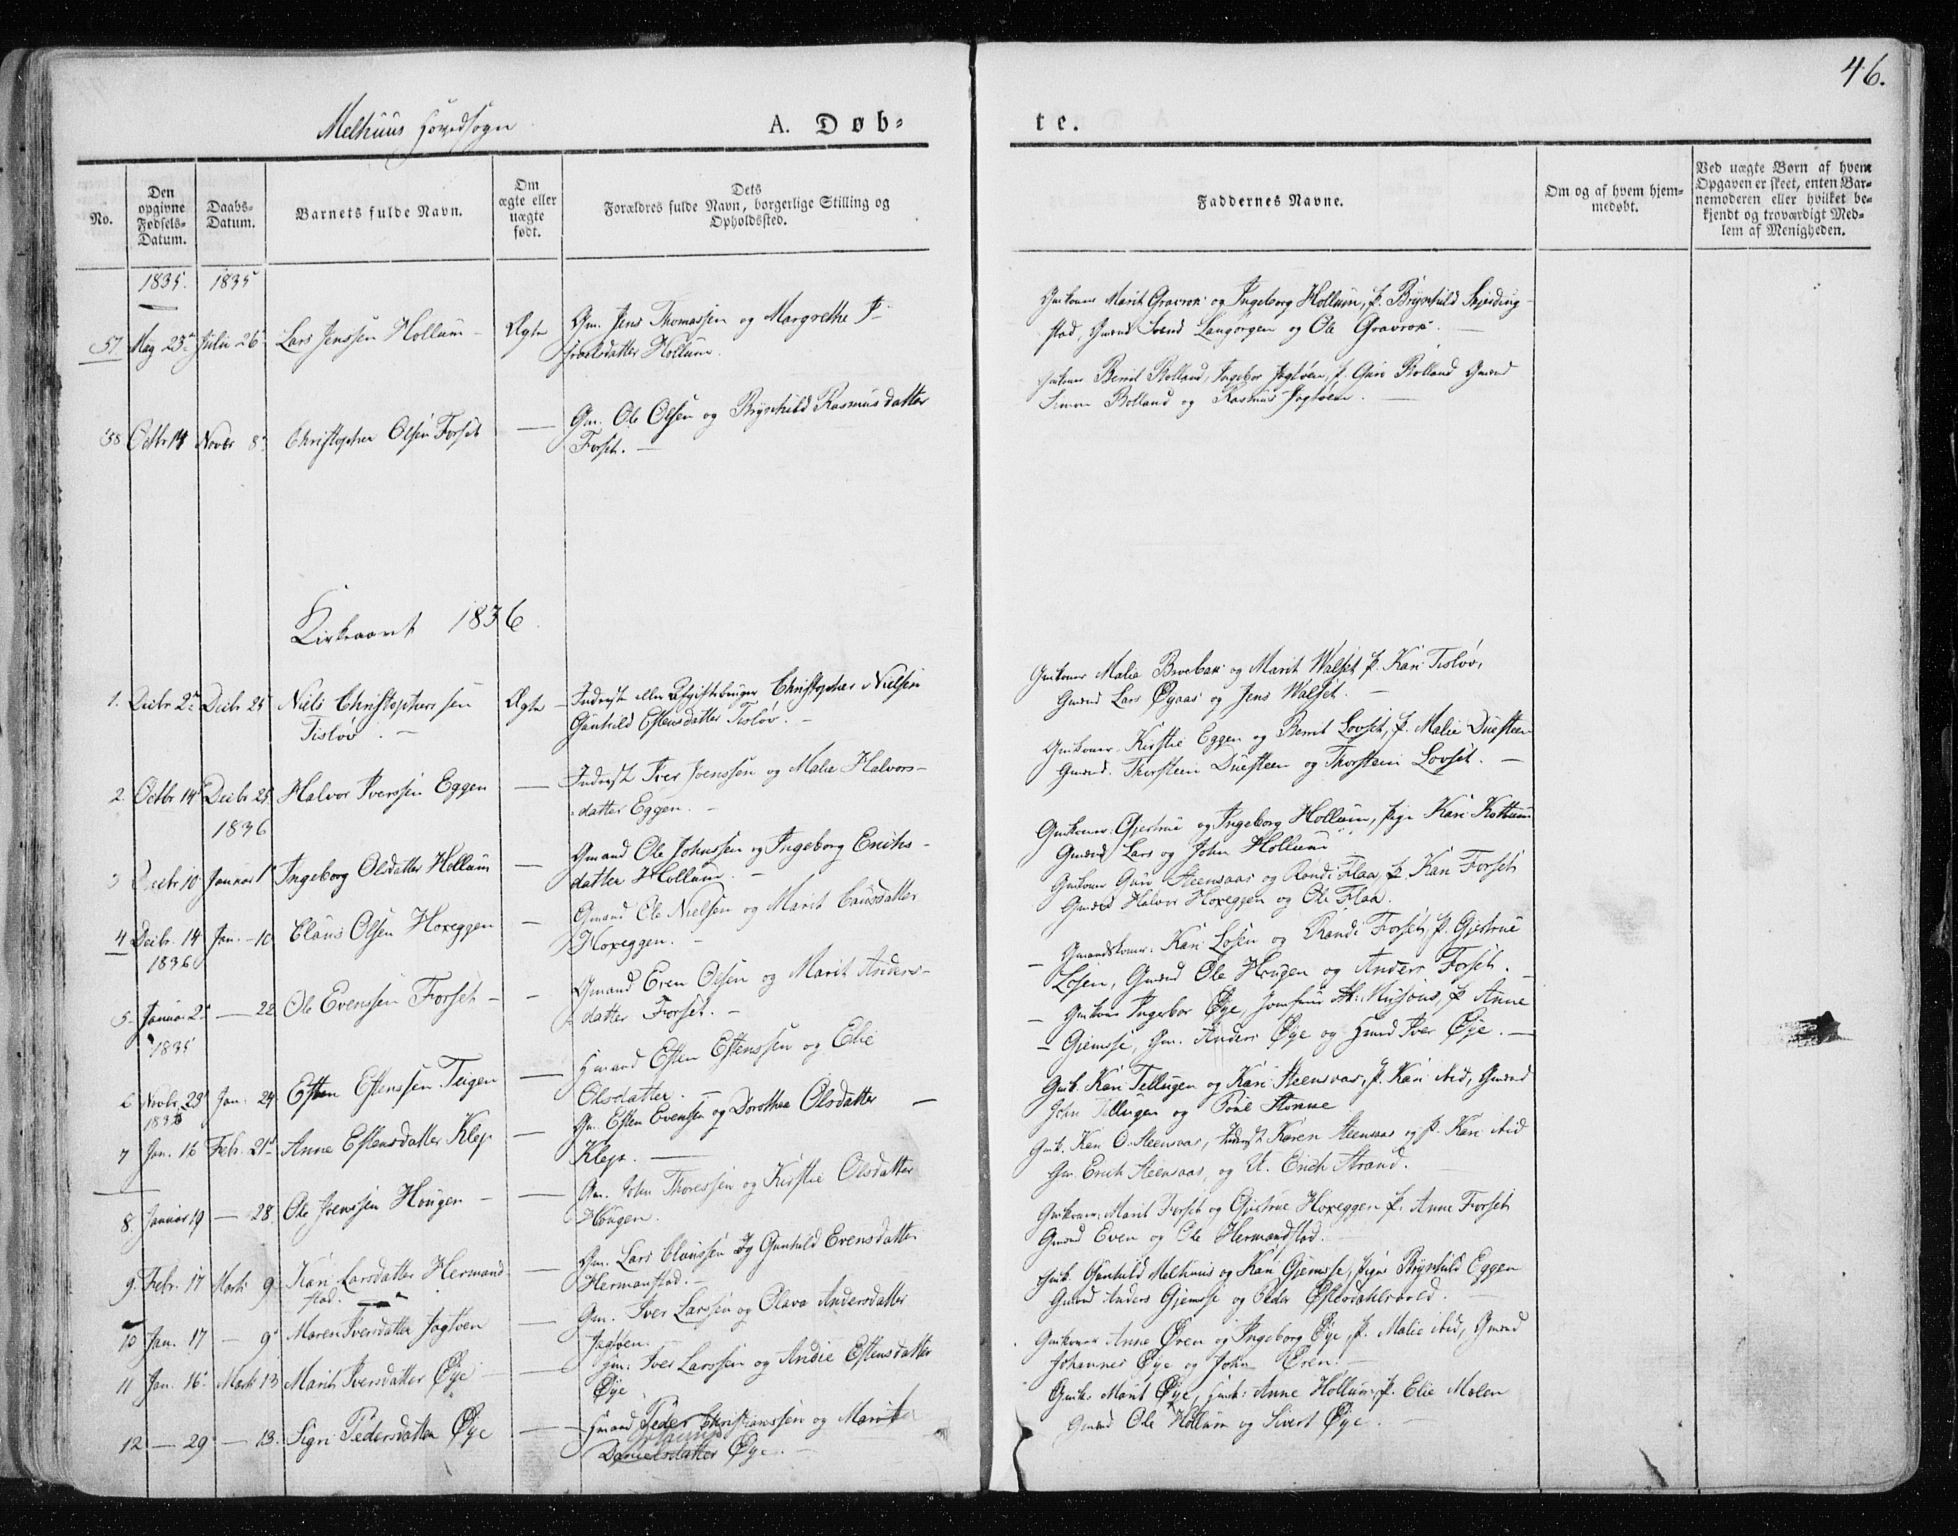 SAT, Ministerialprotokoller, klokkerbøker og fødselsregistre - Sør-Trøndelag, 691/L1069: Ministerialbok nr. 691A04, 1826-1841, s. 46